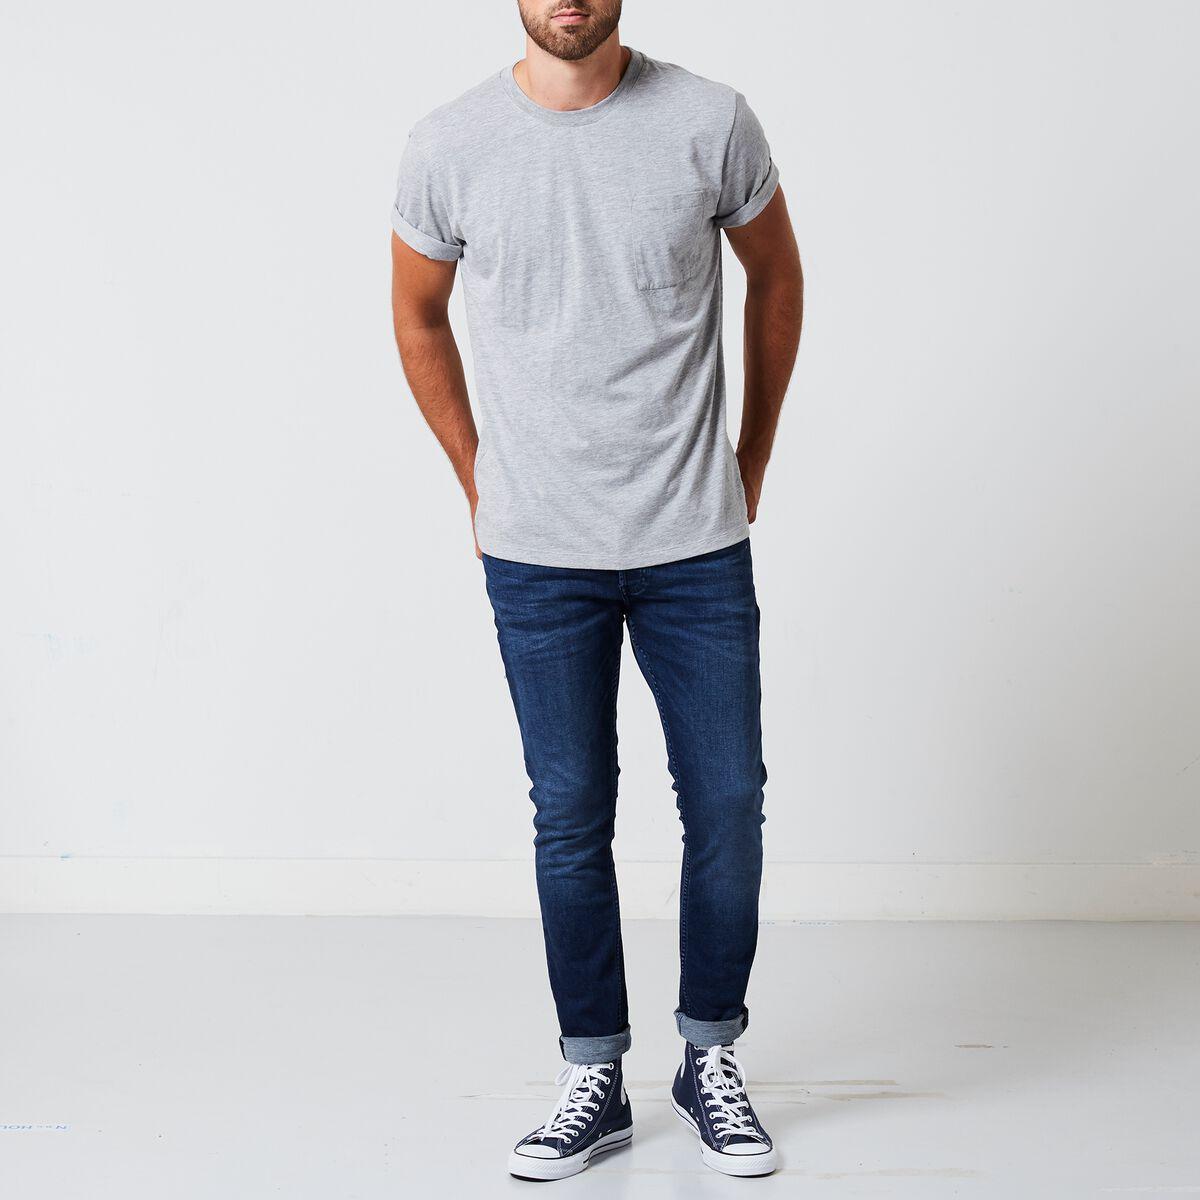 53903ee0 Men T-shirt Enzo Grey Buy Online | America Today